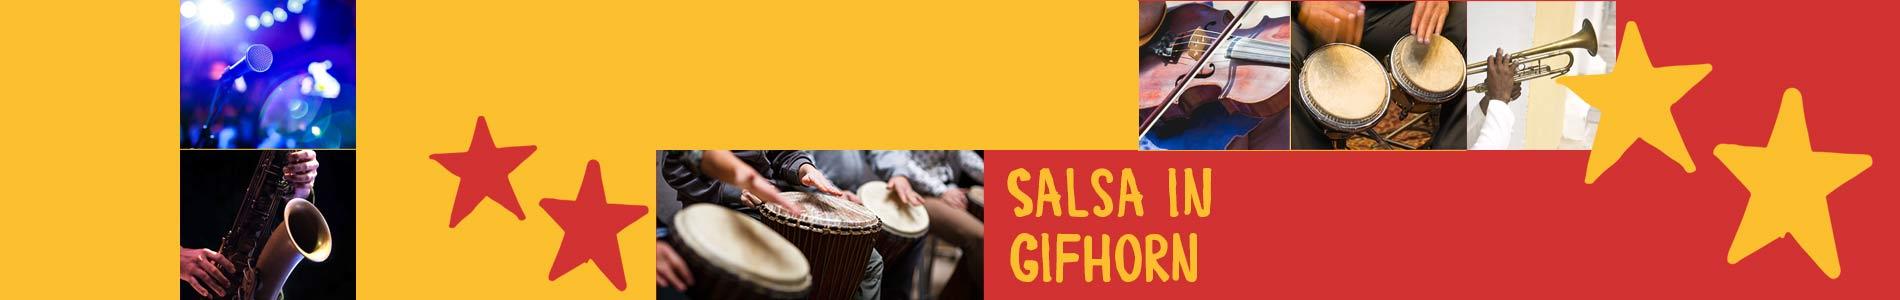 Salsa in Gifhorn – Salsa lernen und tanzen, Tanzkurse, Partys, Veranstaltungen